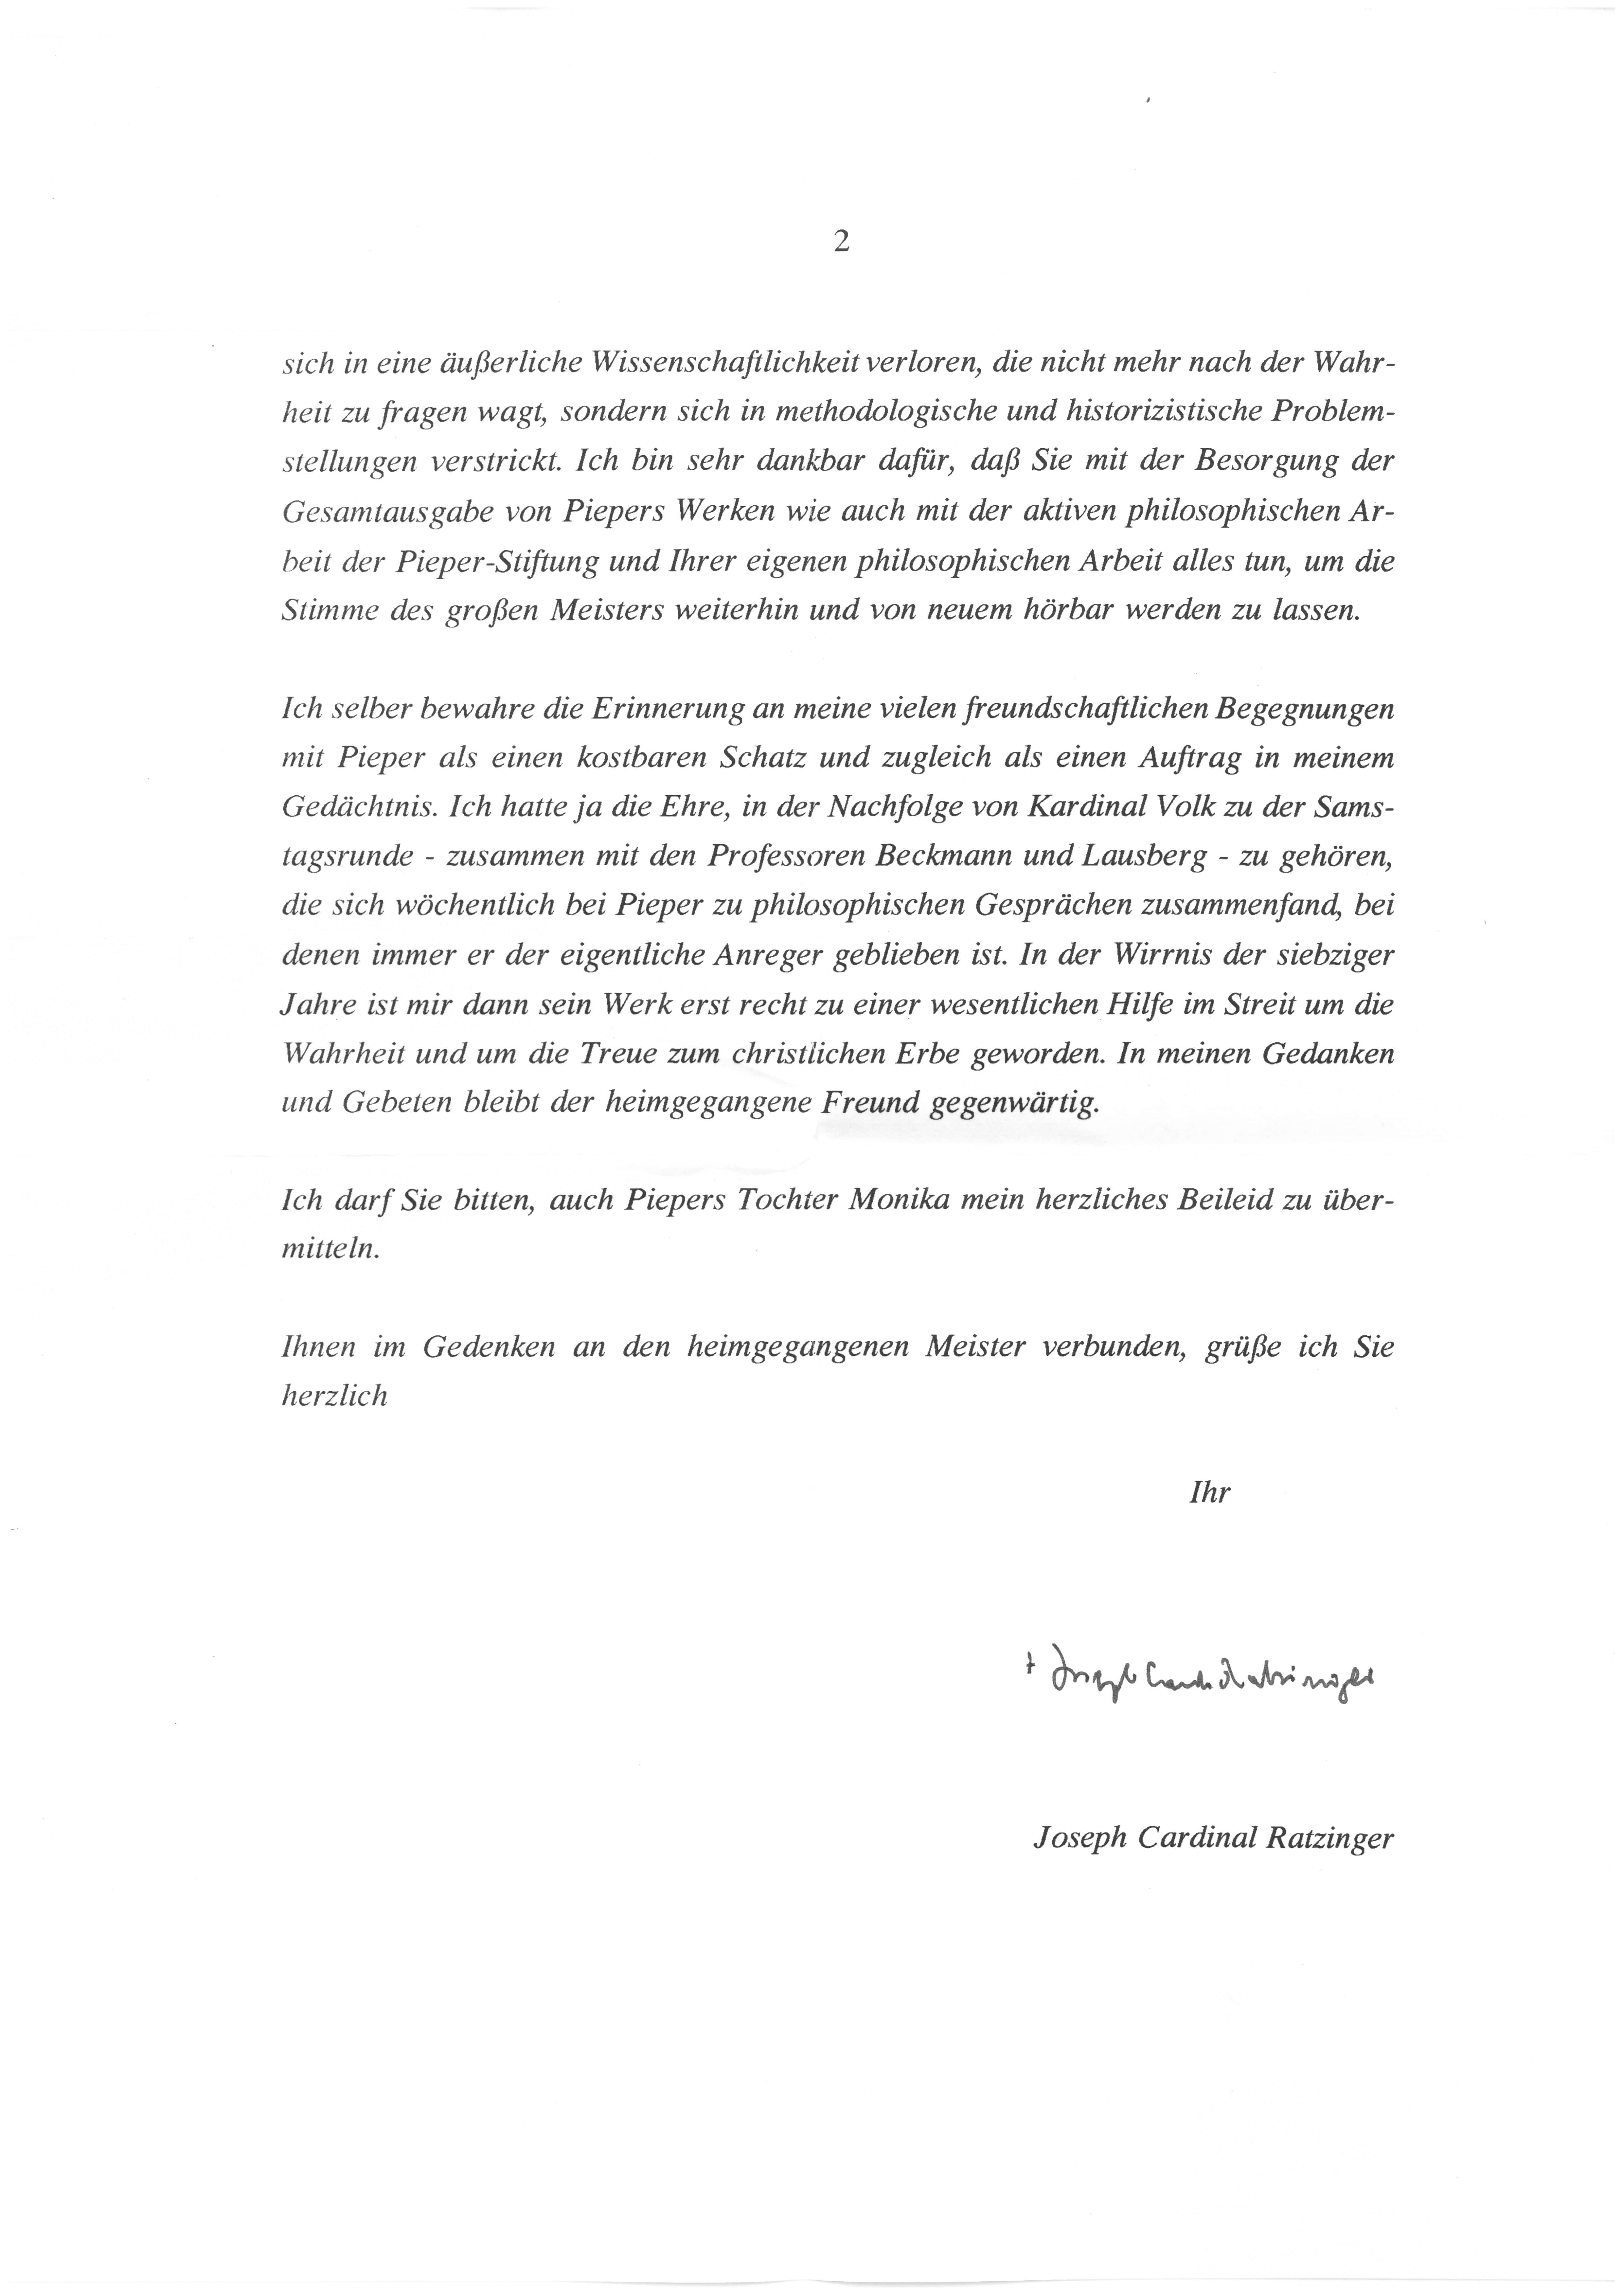 2. Brief von Joseph Kard. Ratzinger Seite 2